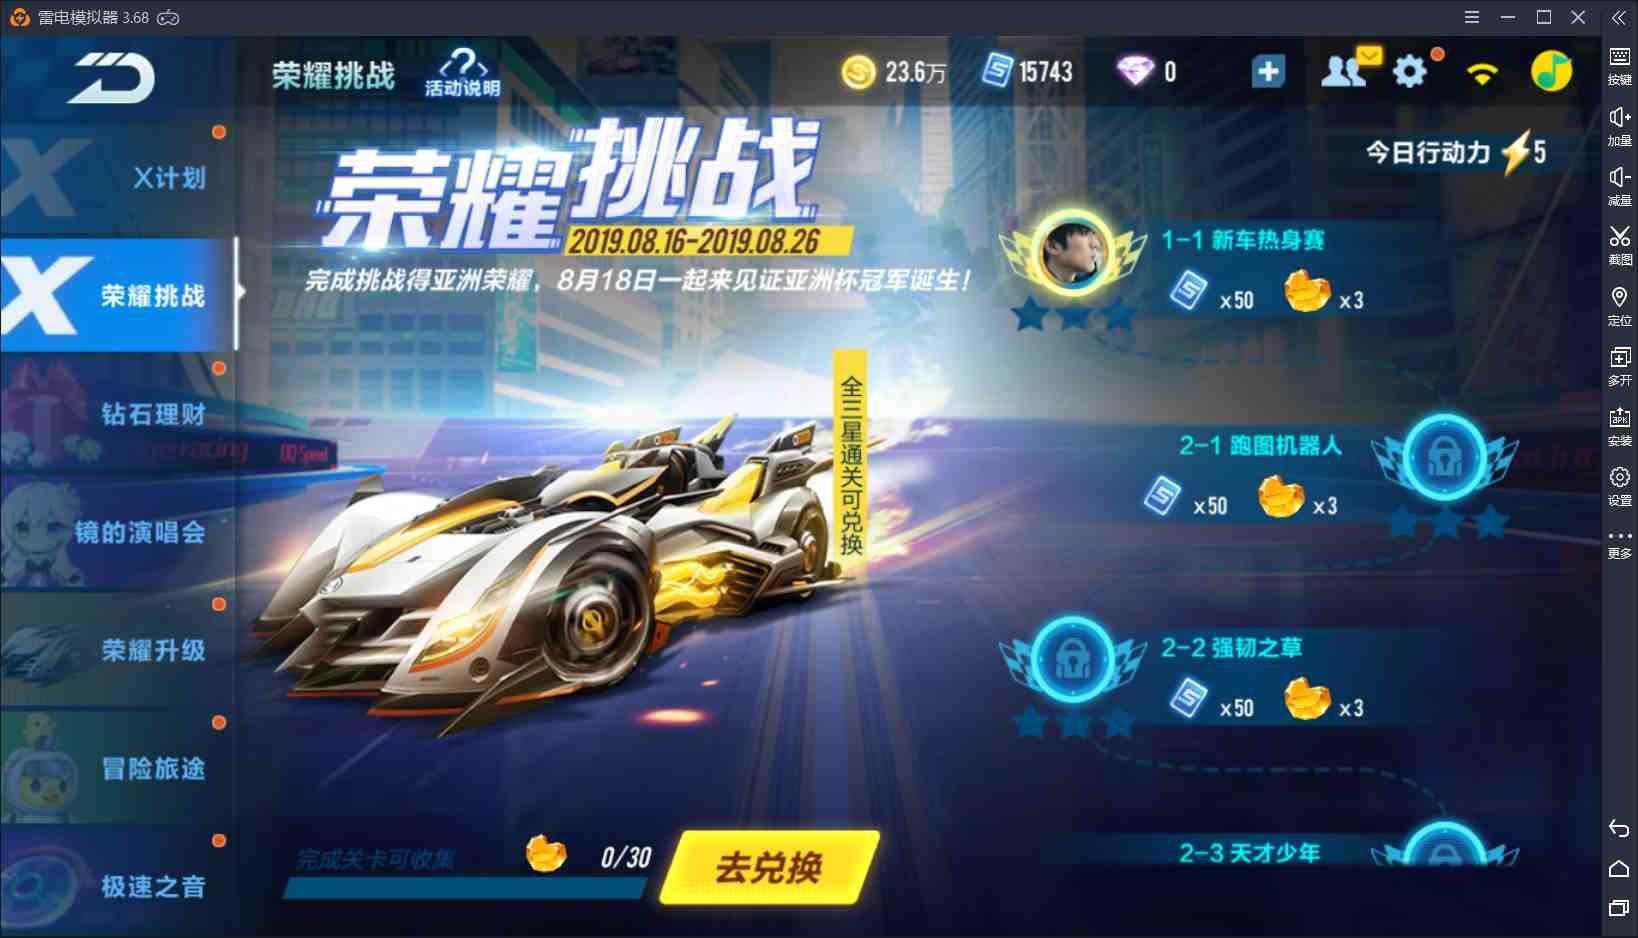 【QQ飞车手游】亚洲杯总决赛在即,诸多活动开启,还有新车可以体验